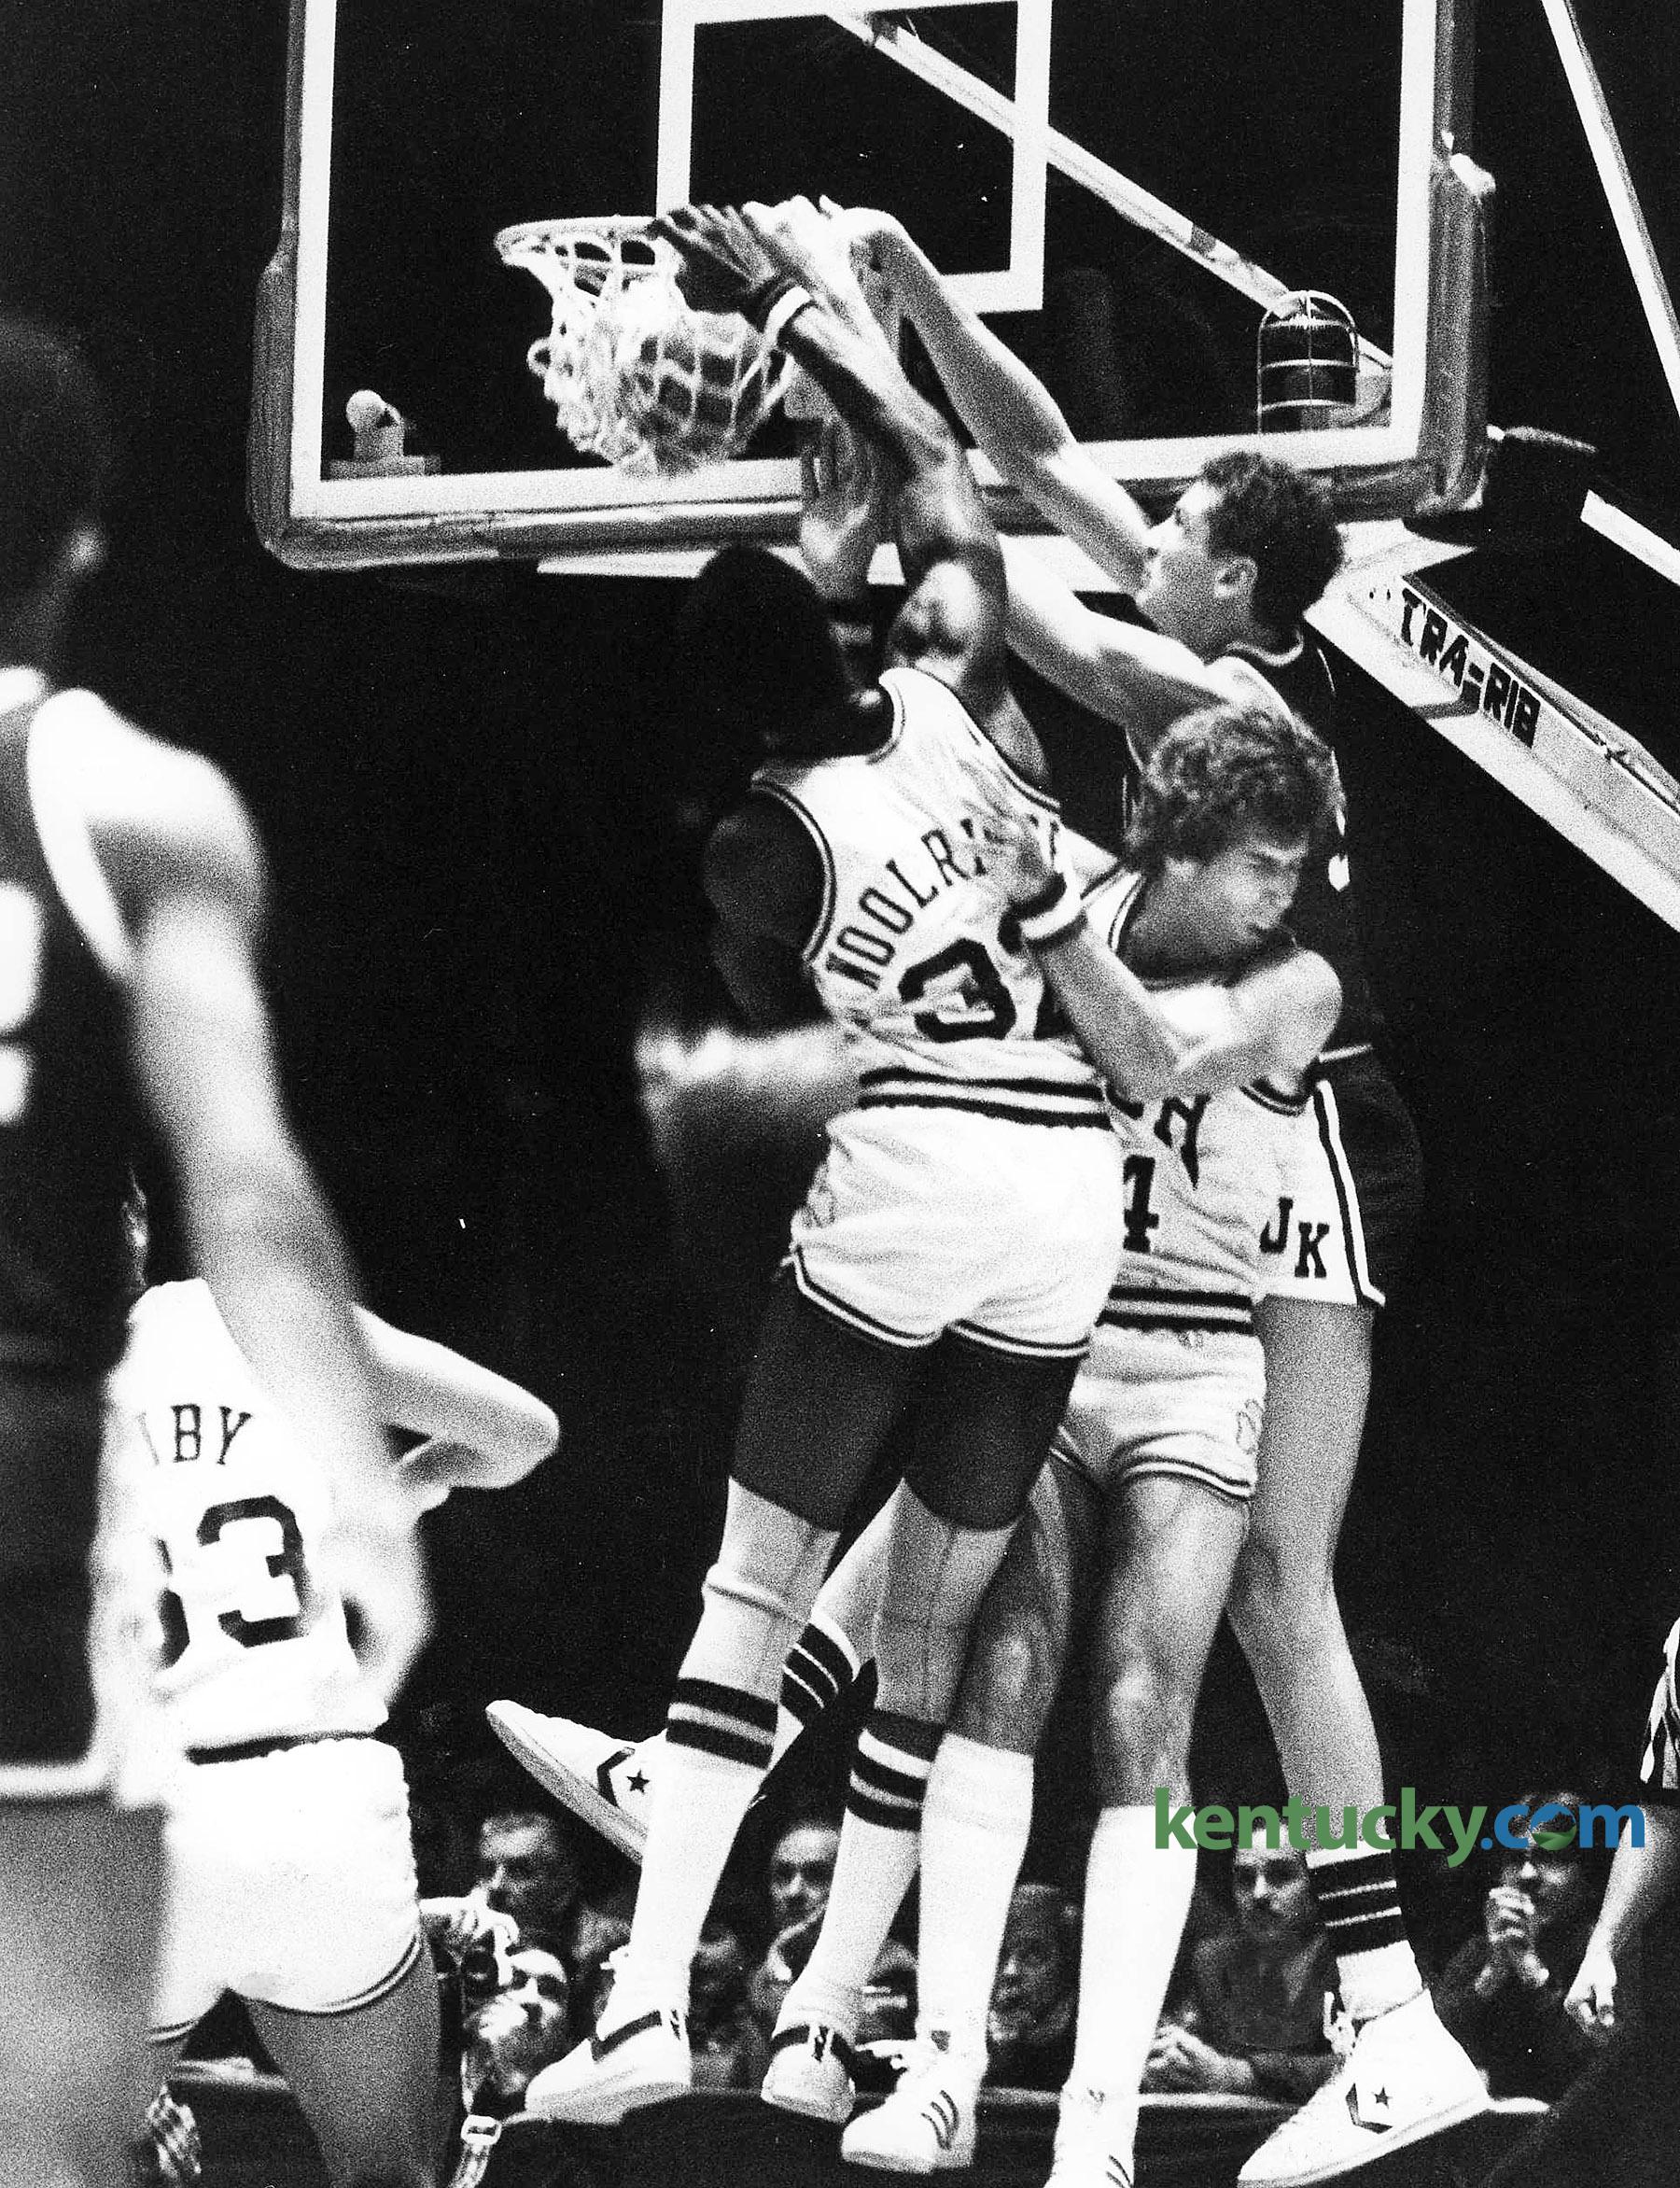 Sam Bowie dunk vs Notre Dame 1980